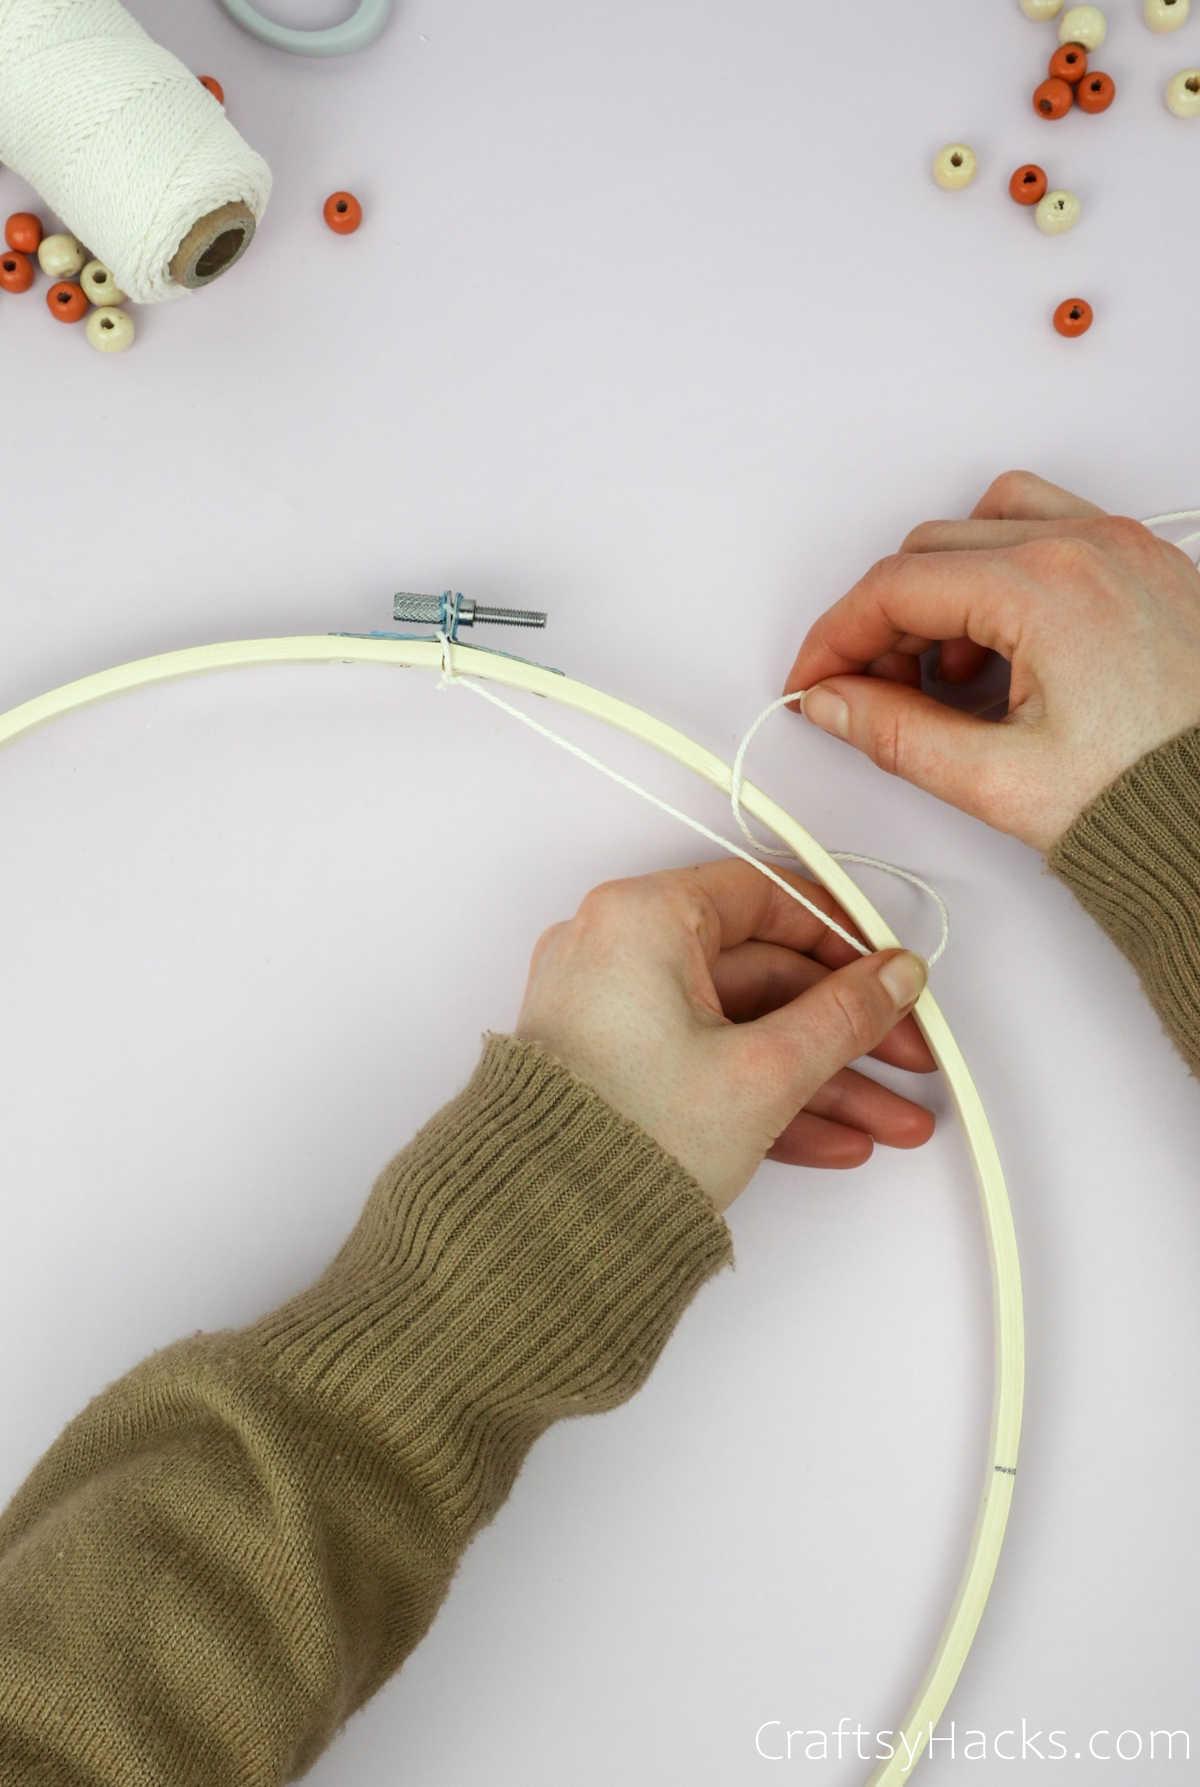 looping string around hoop